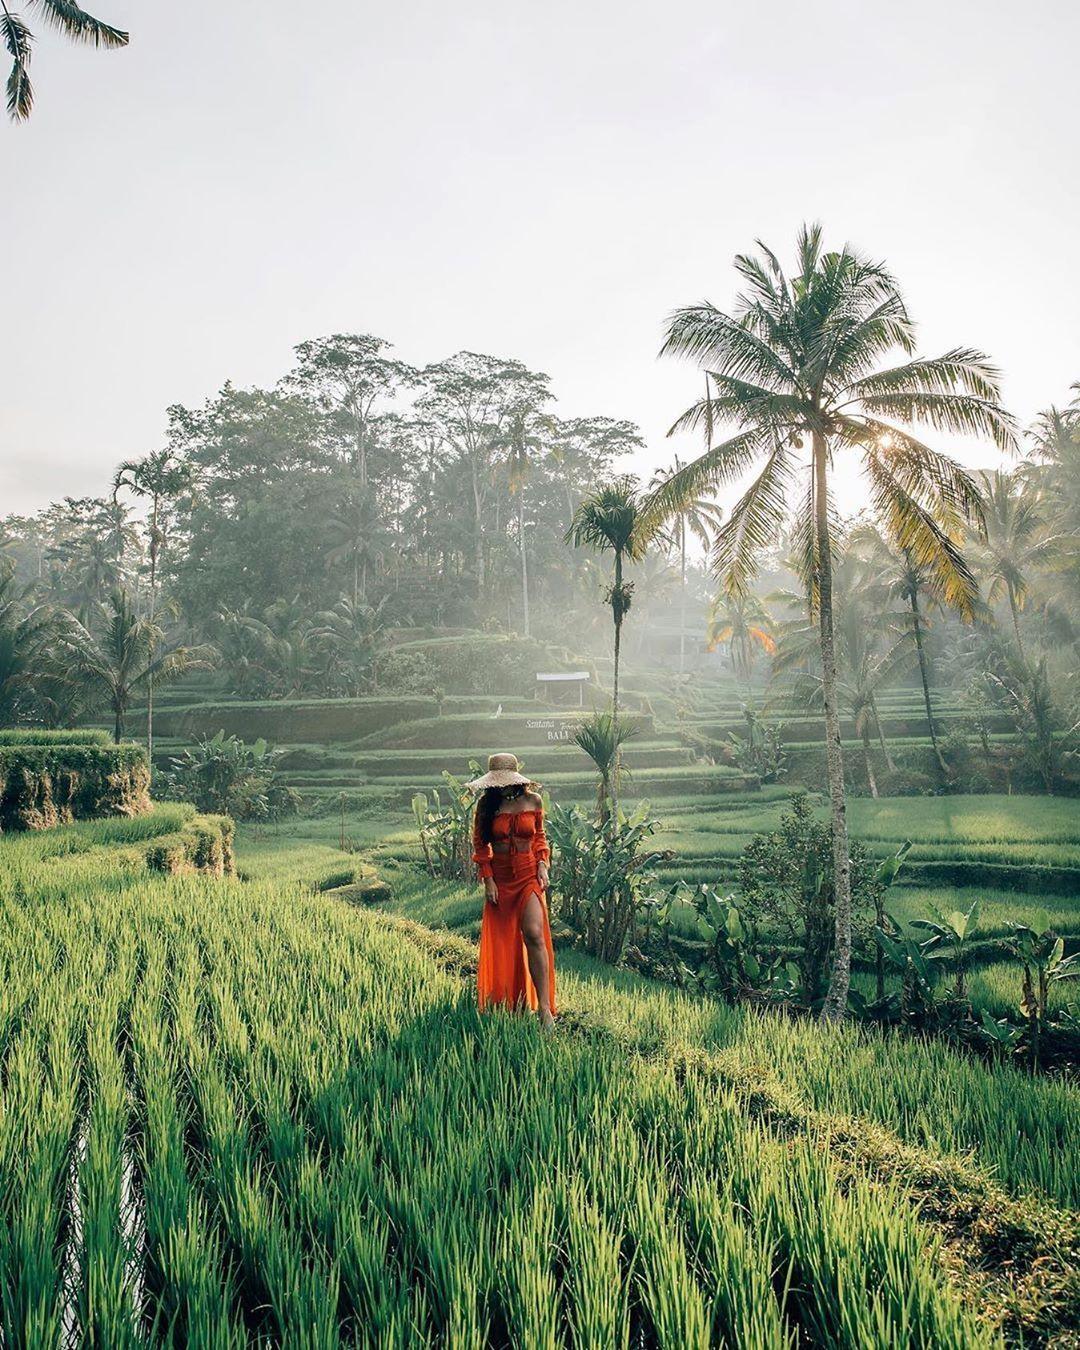 Sistem Pengairan Sawah Di Bali Disebut : sistem, pengairan, sawah, disebut, Sistem, Pengairan, Disebut, IlmuSosial.id